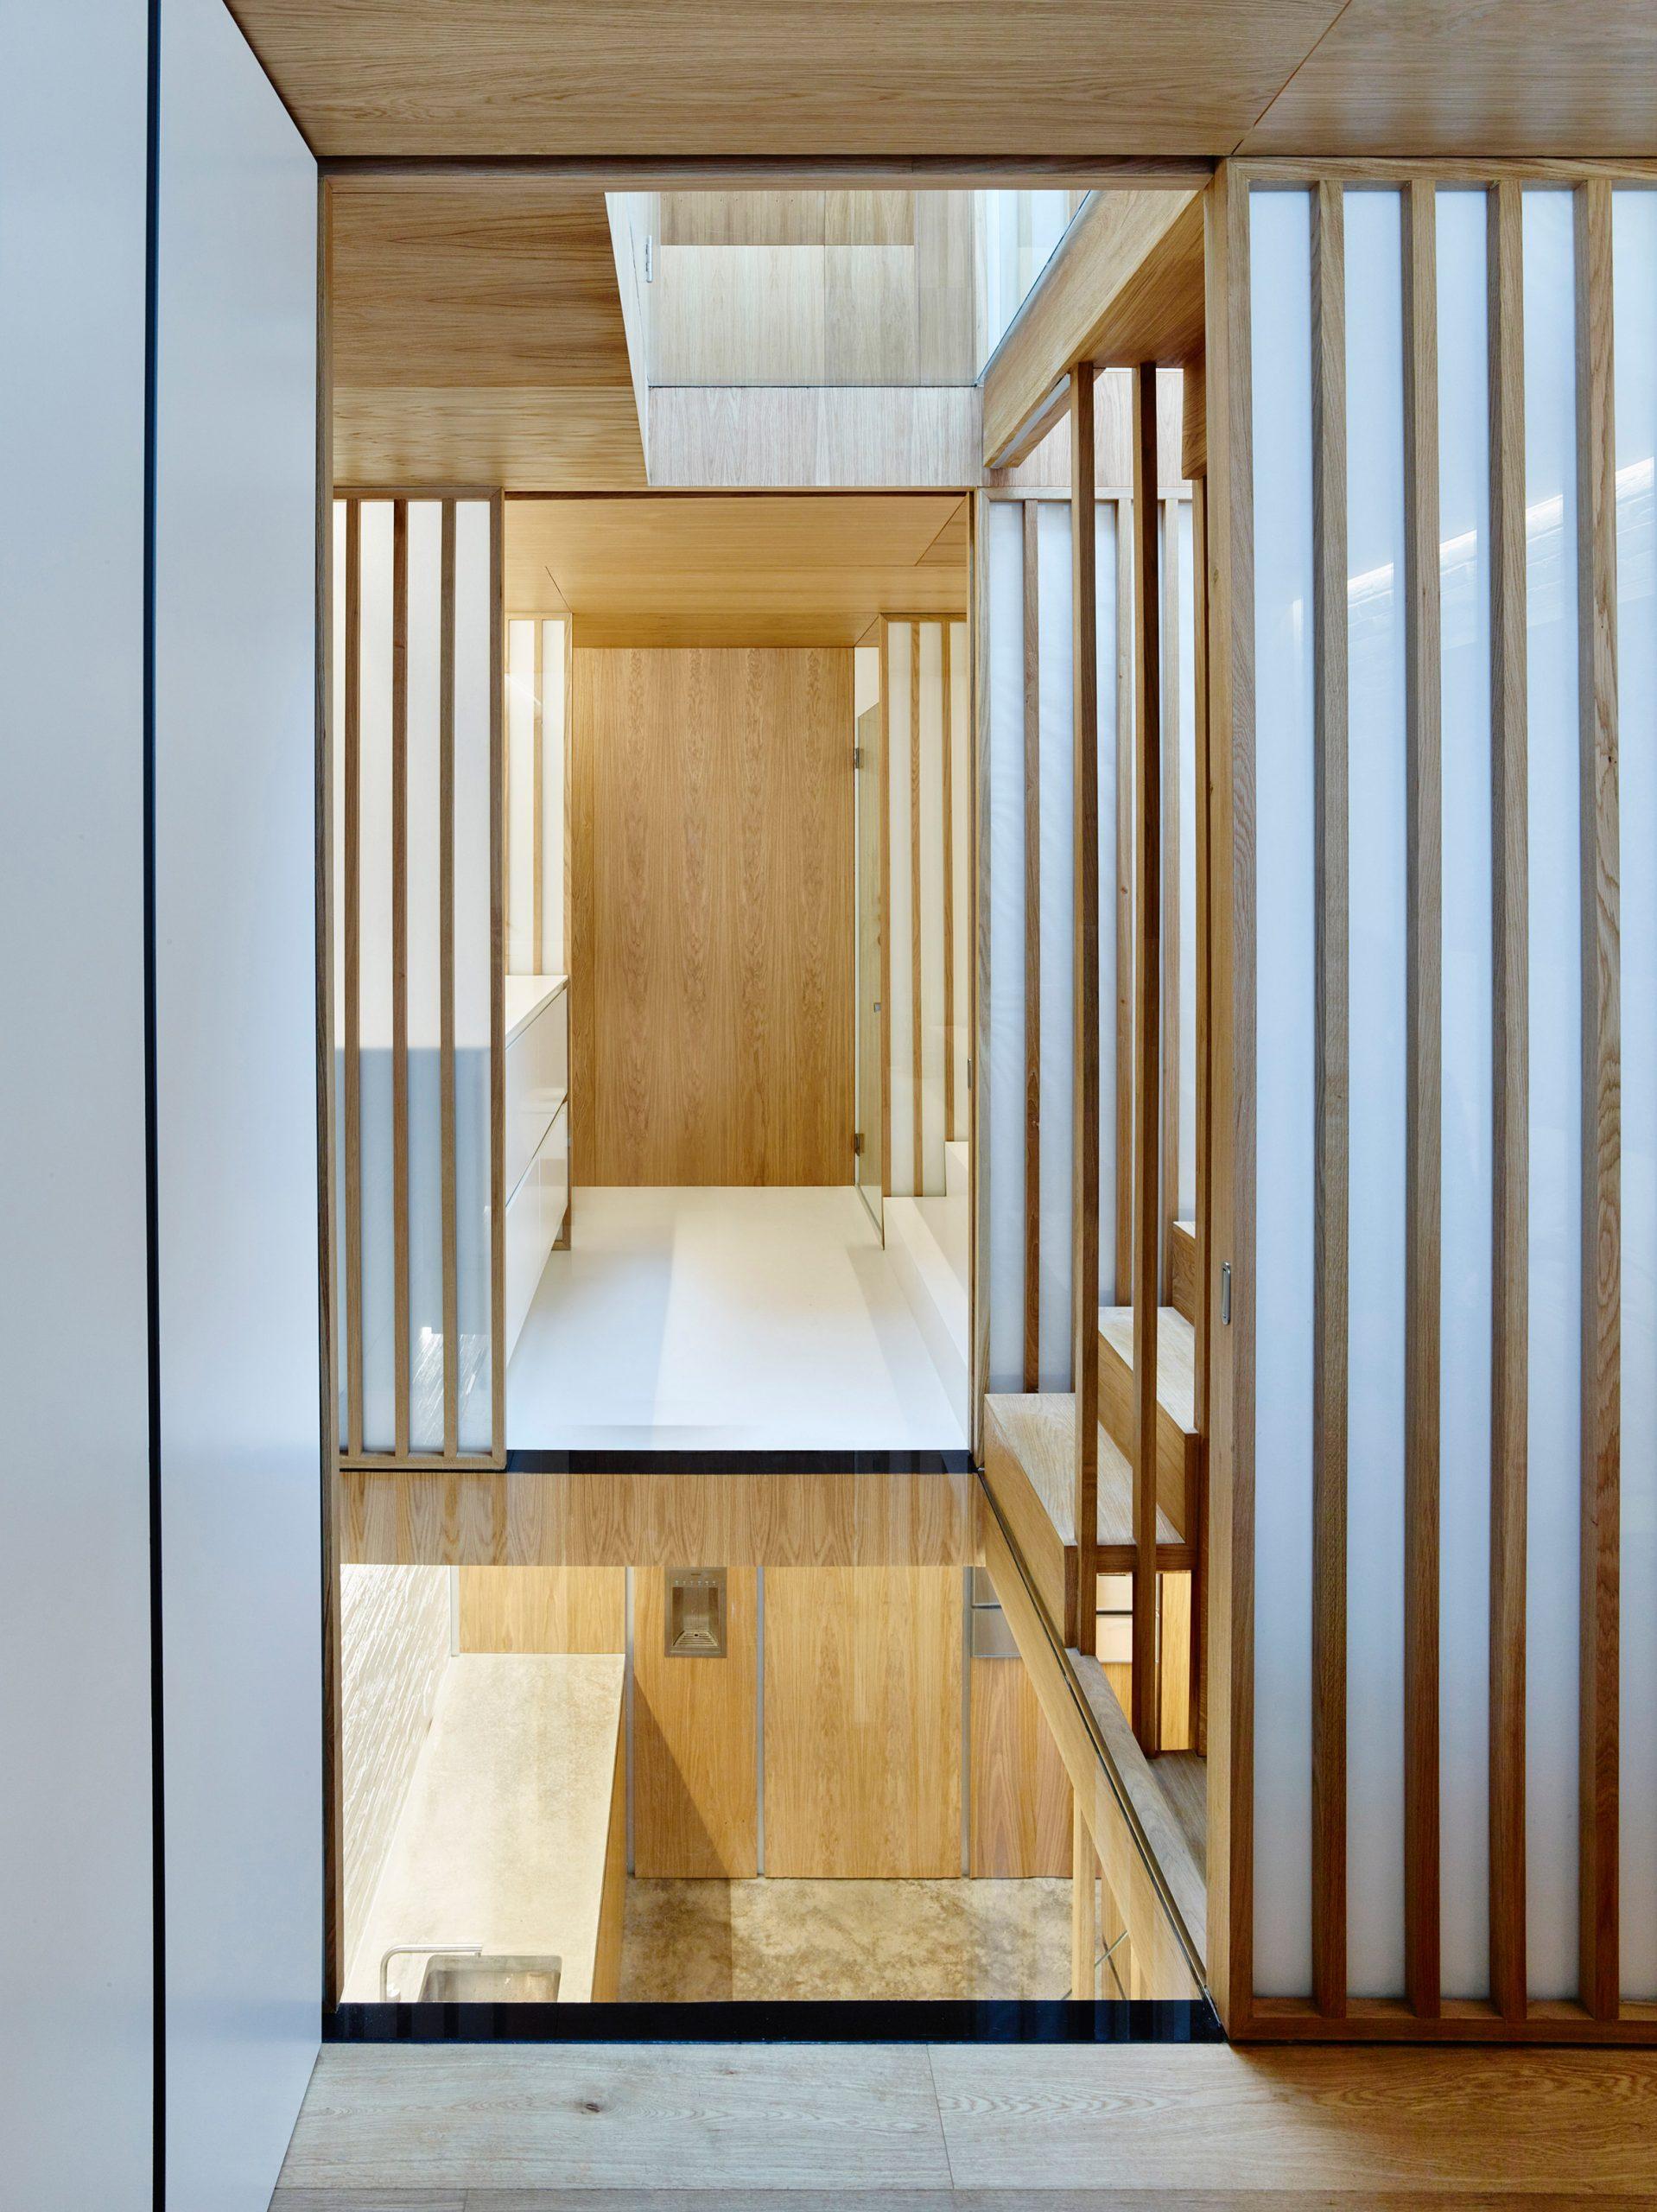 Thiết kế nhà gỗ hiện đại 14